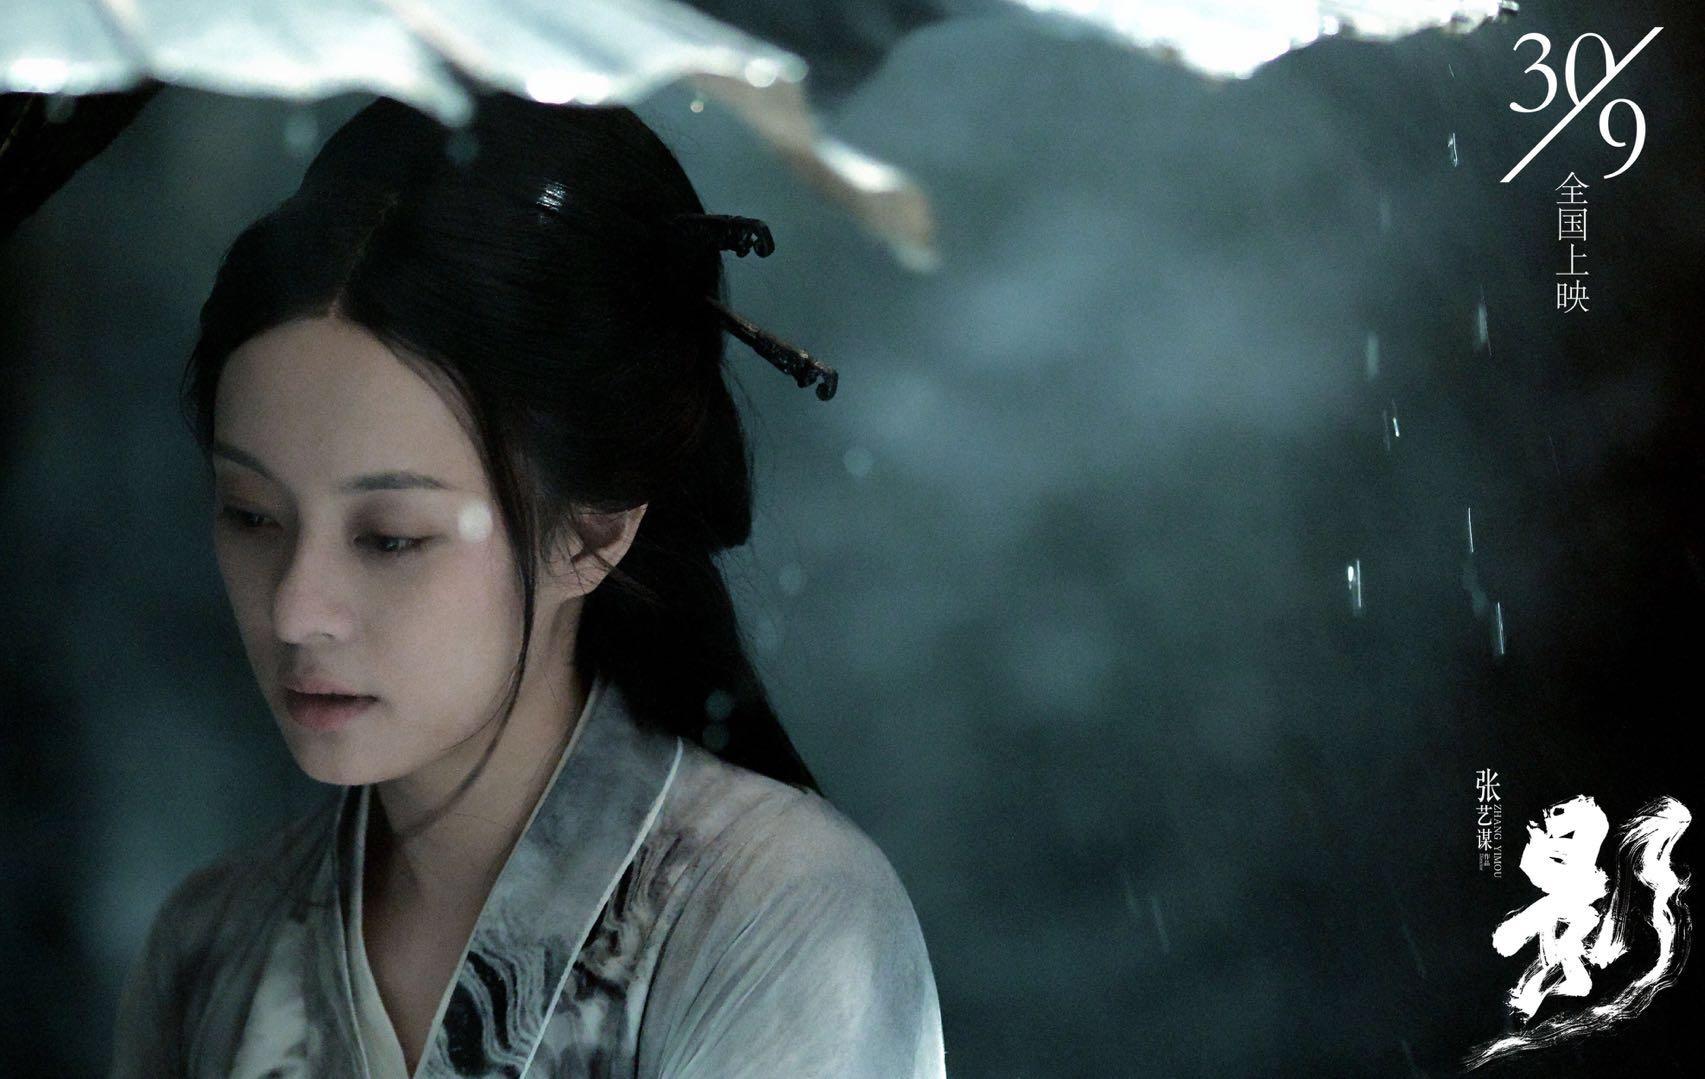 《影》孙俪和邓超联袂演出,两人互相给力,可谓相得益彰